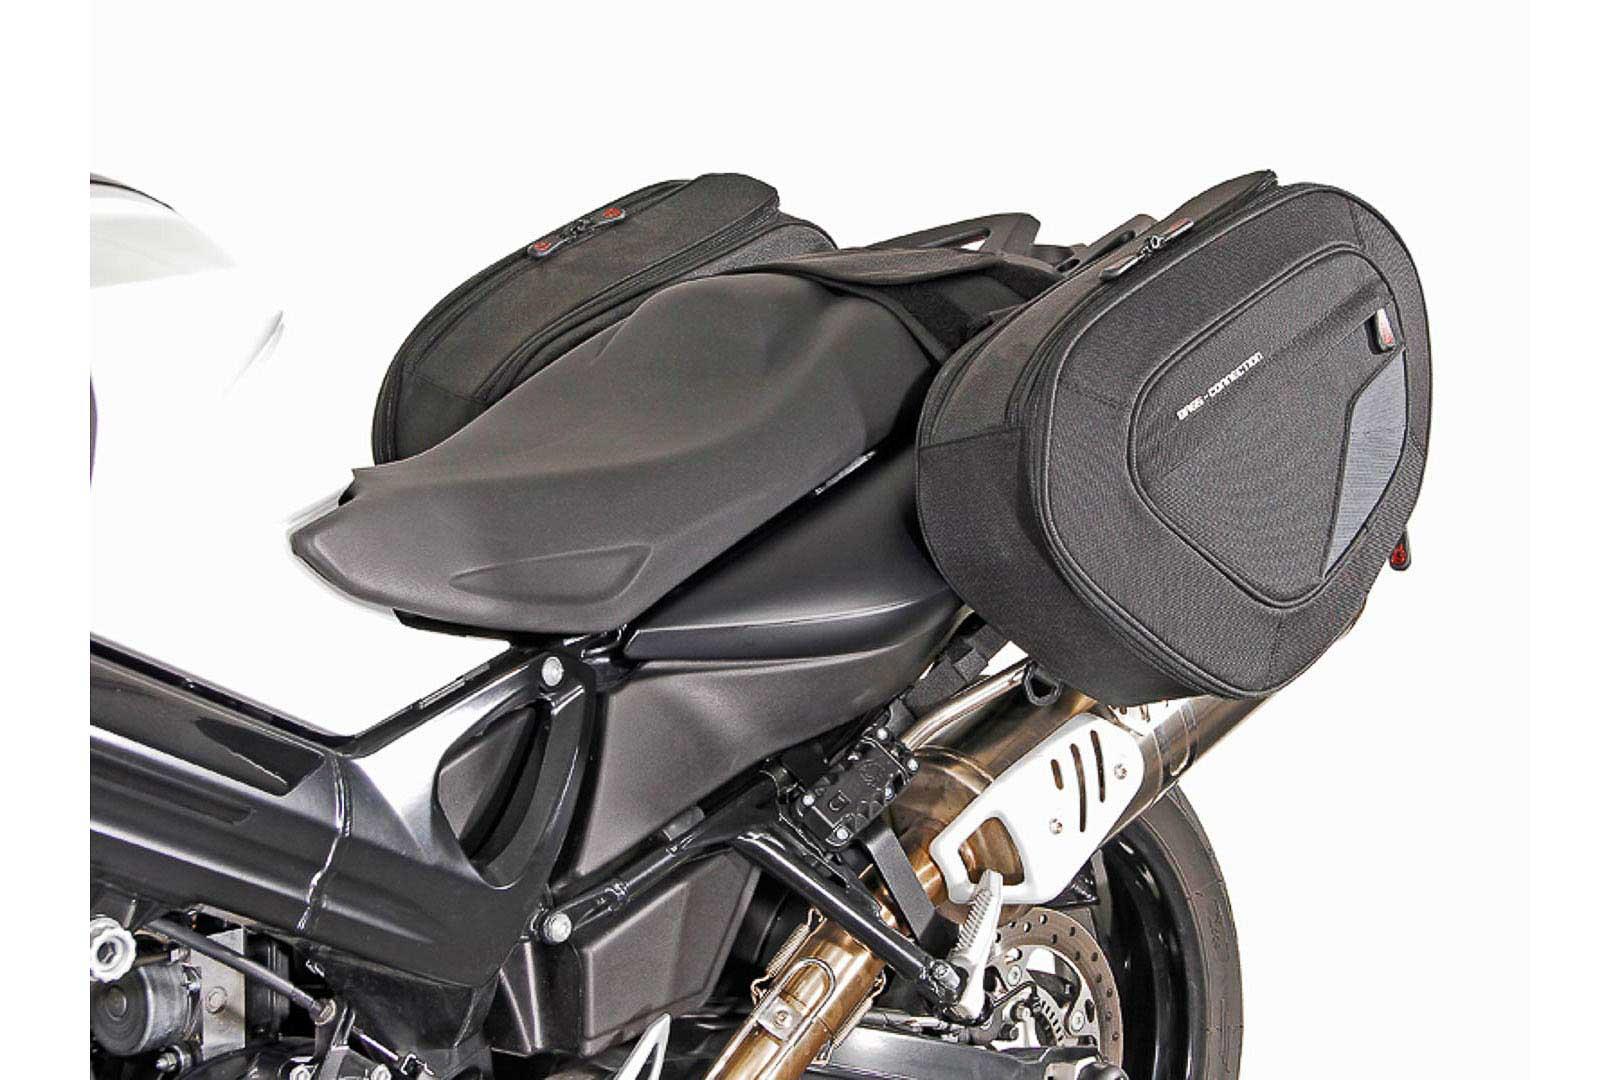 Sacoches latérales BLAZE version haute Noir/Gris. BMW F 800 R (09-14) / F 800 GT (12-16).